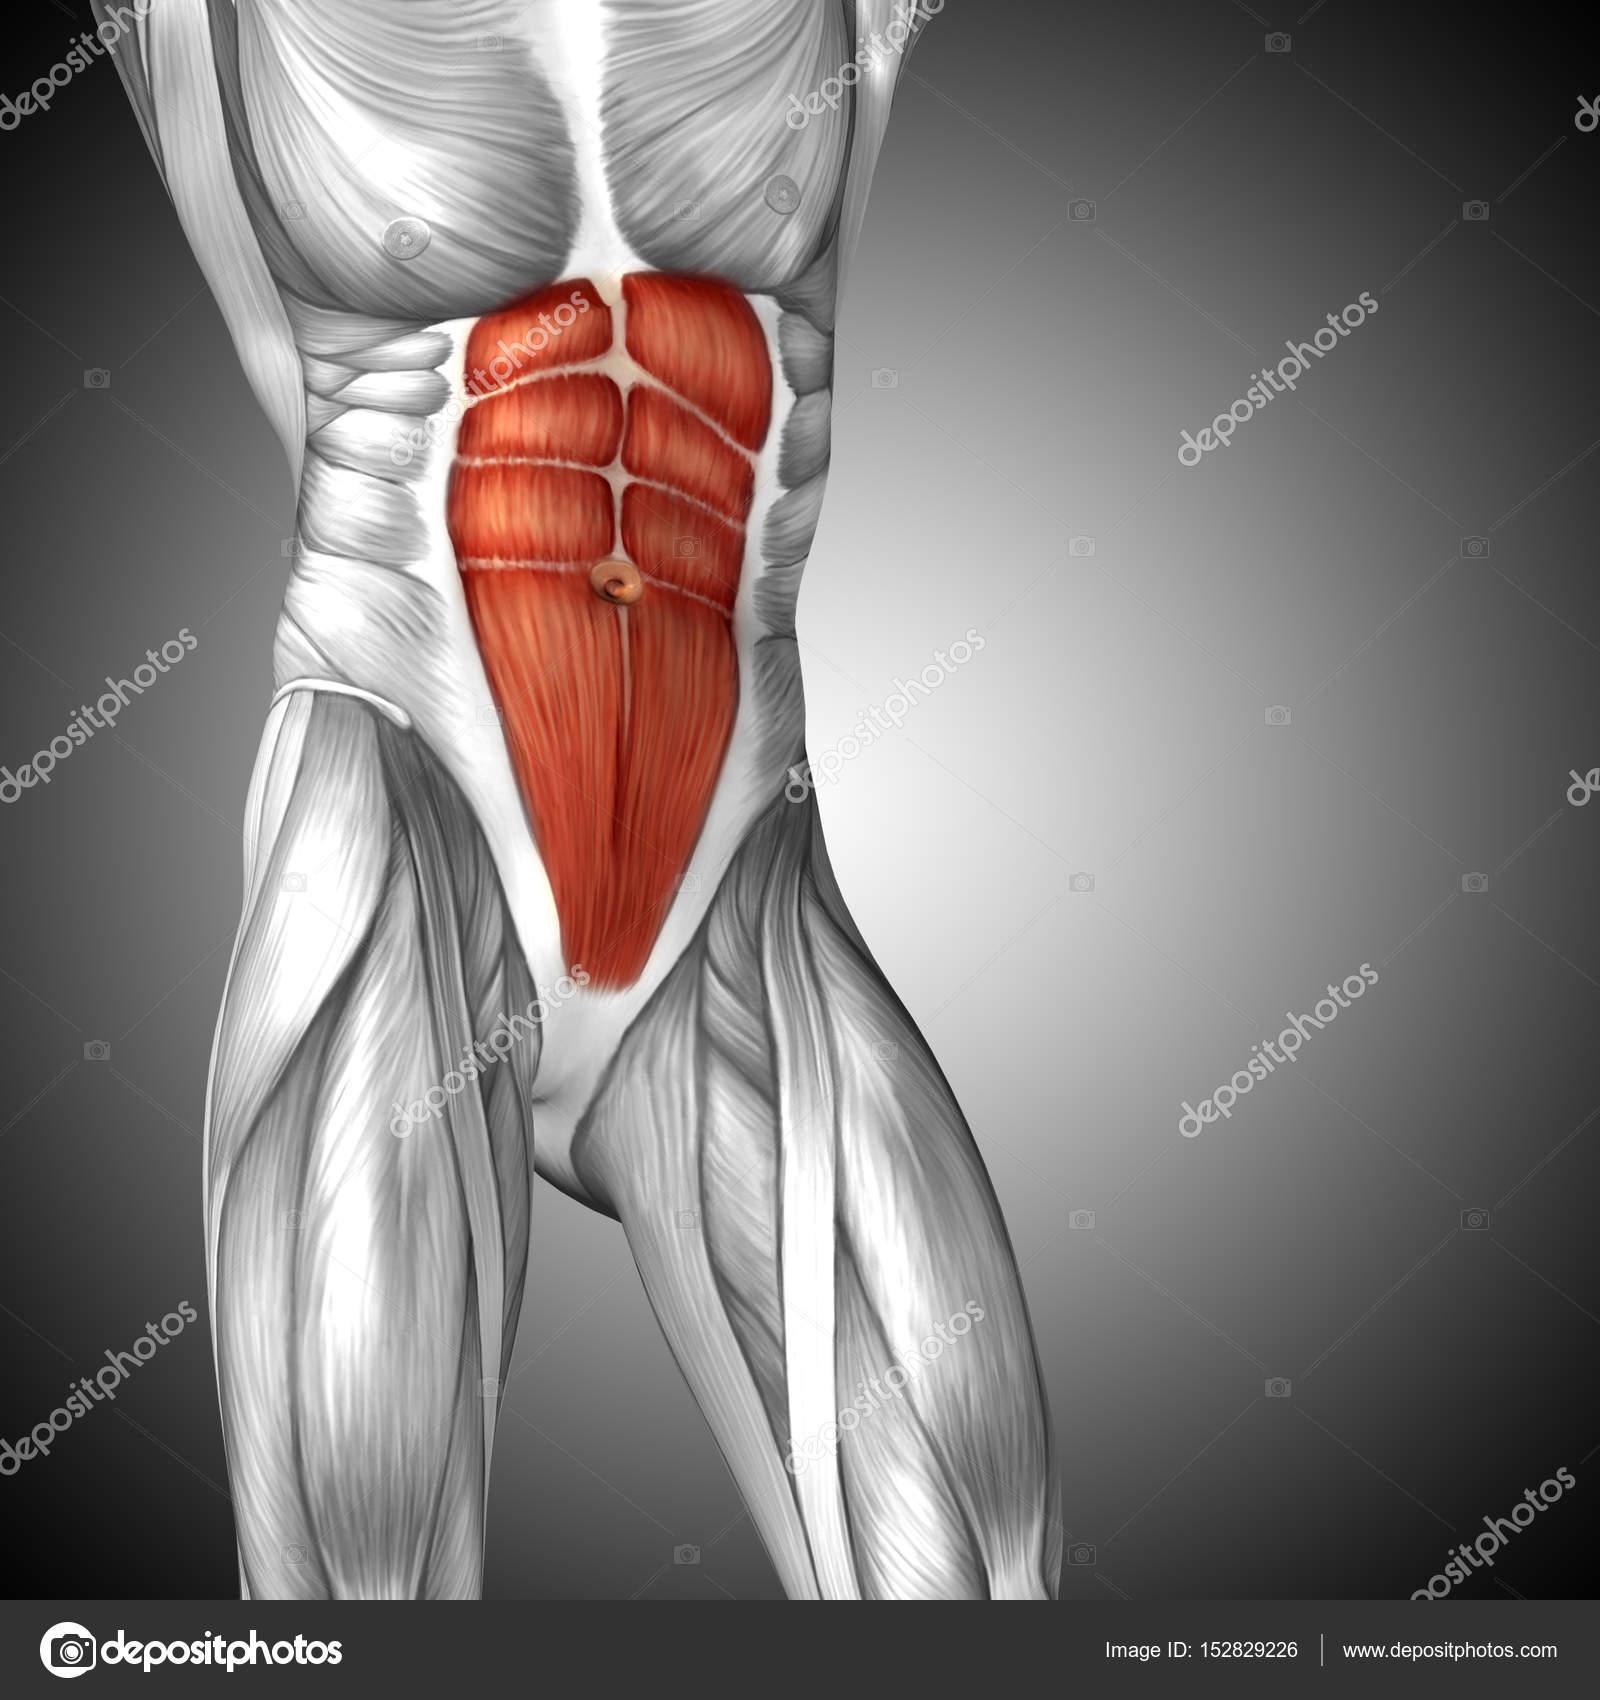 Anatomie der menschlichen Brust — Stockfoto © design36 #152829226